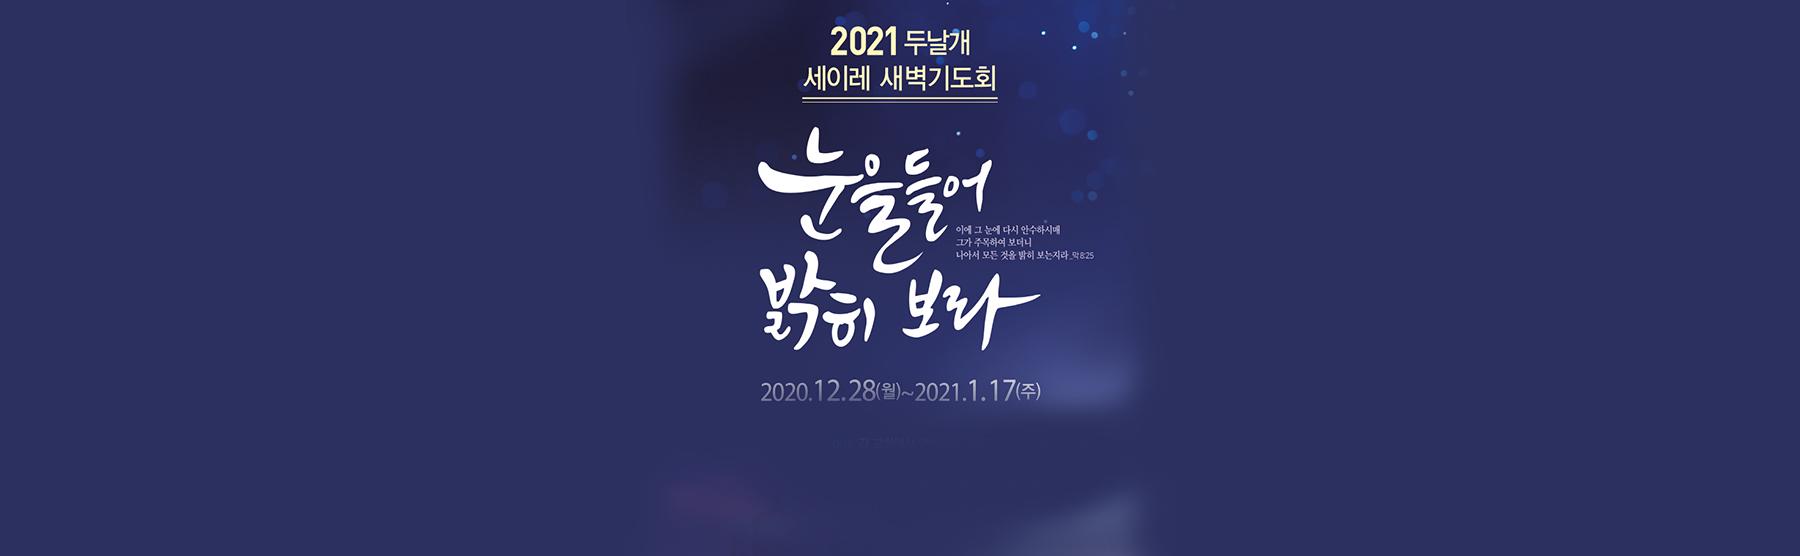 two-mbs-2021세이레새벽기도회-201023